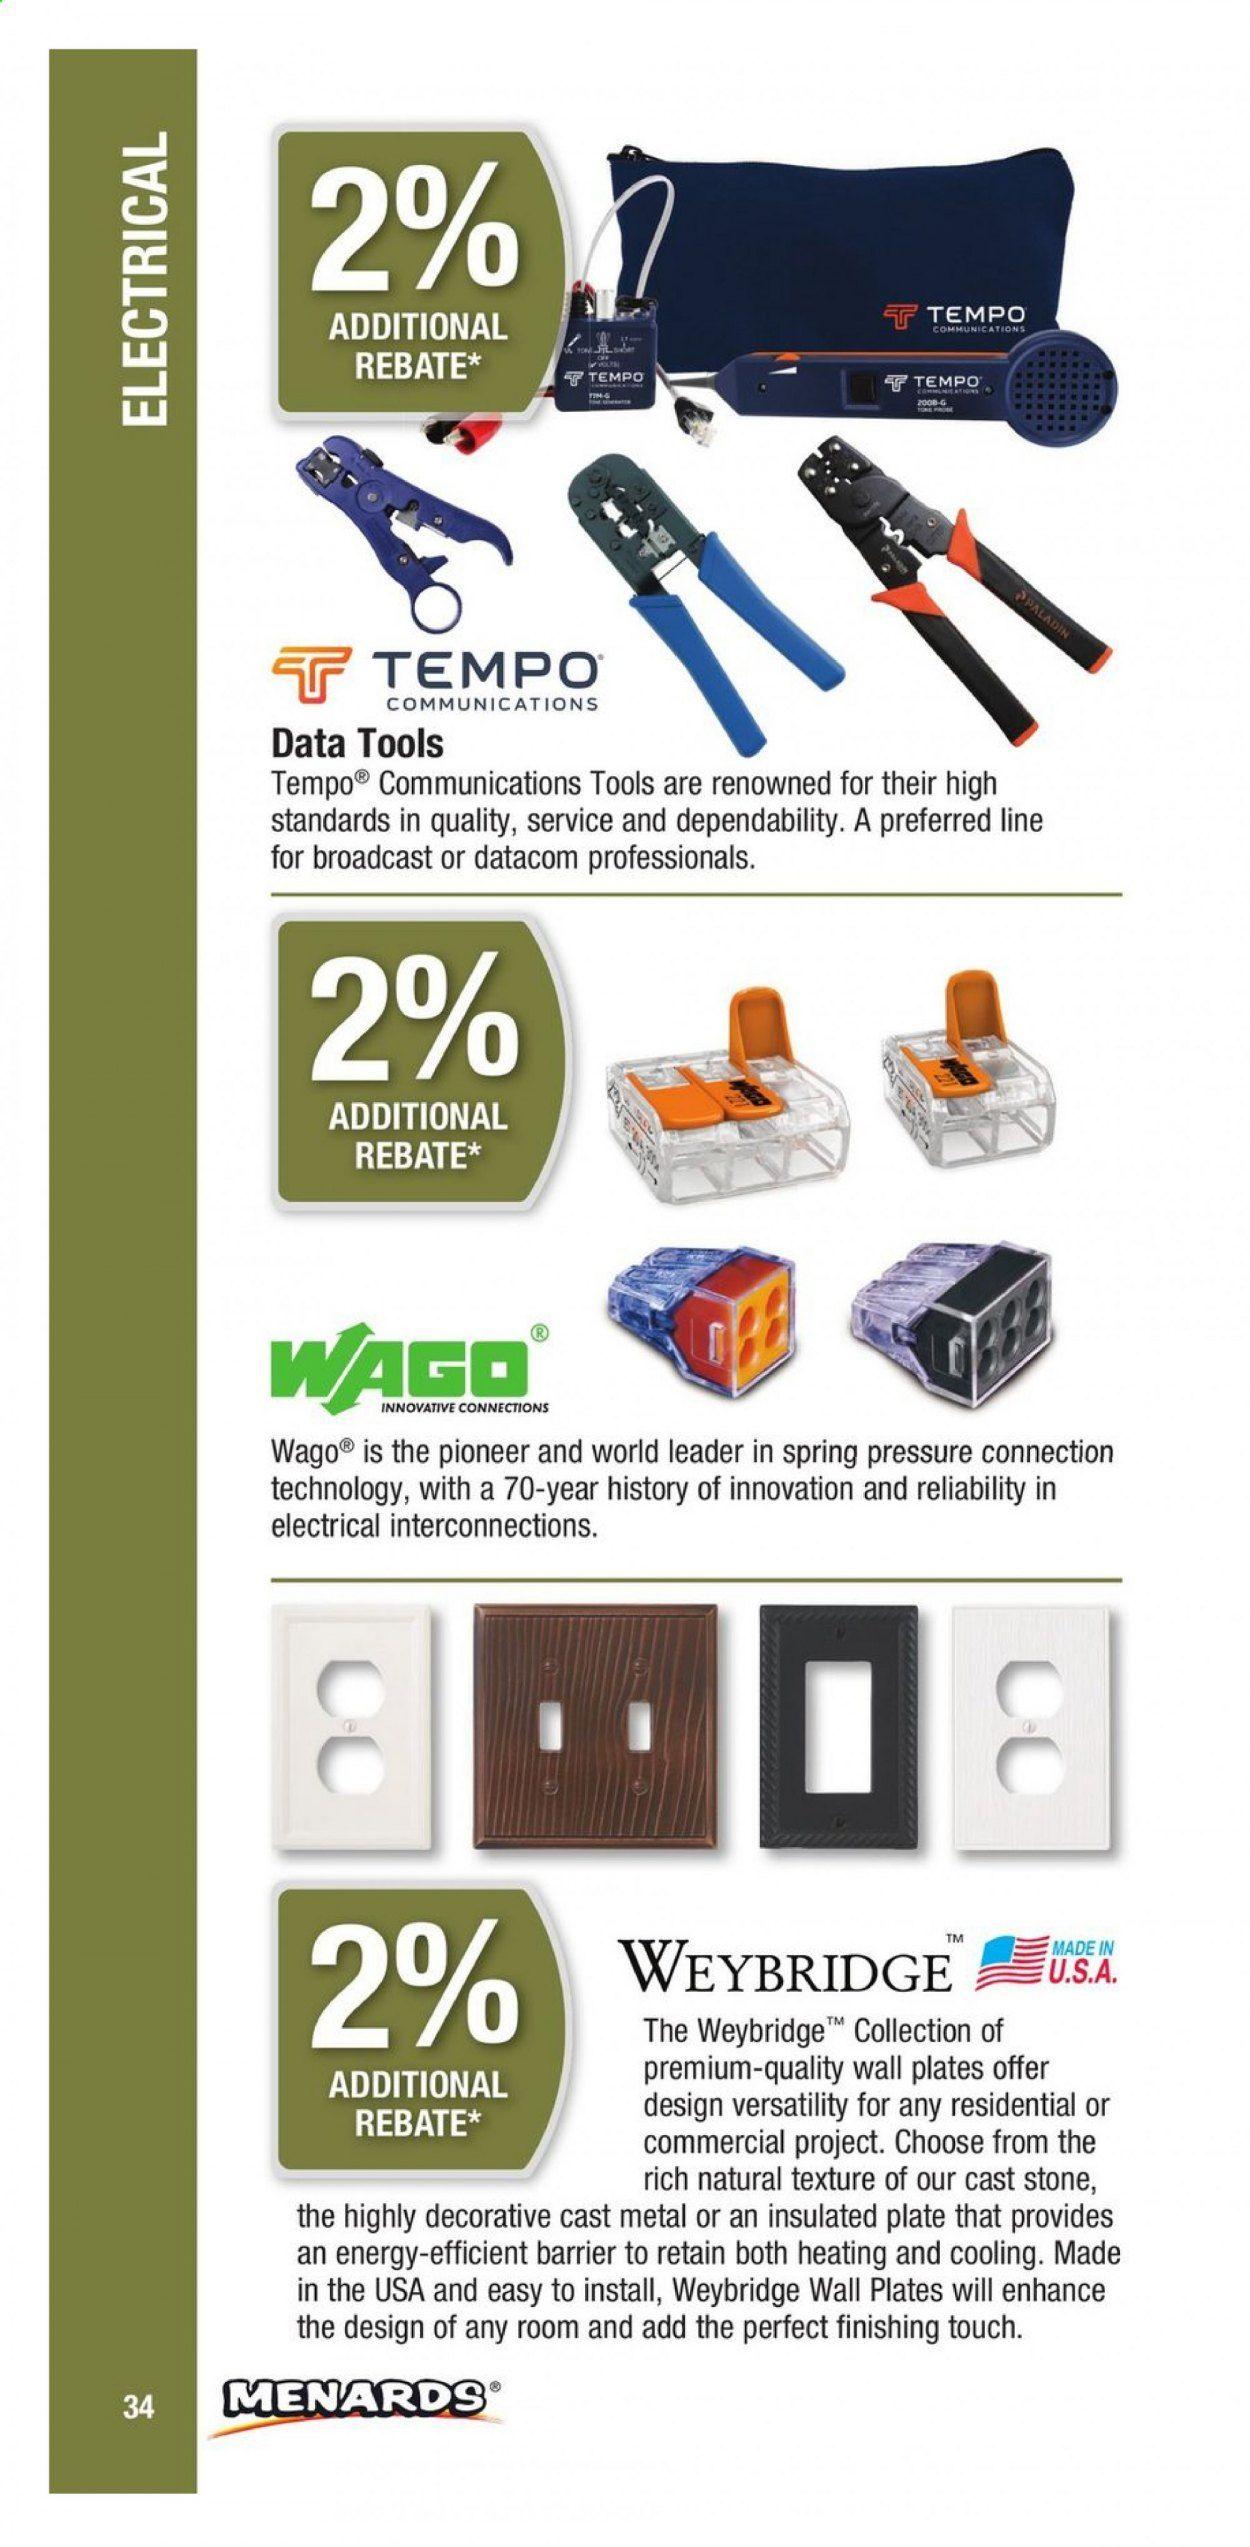 Menards Contractor Rebate Program 2021 - Page 34